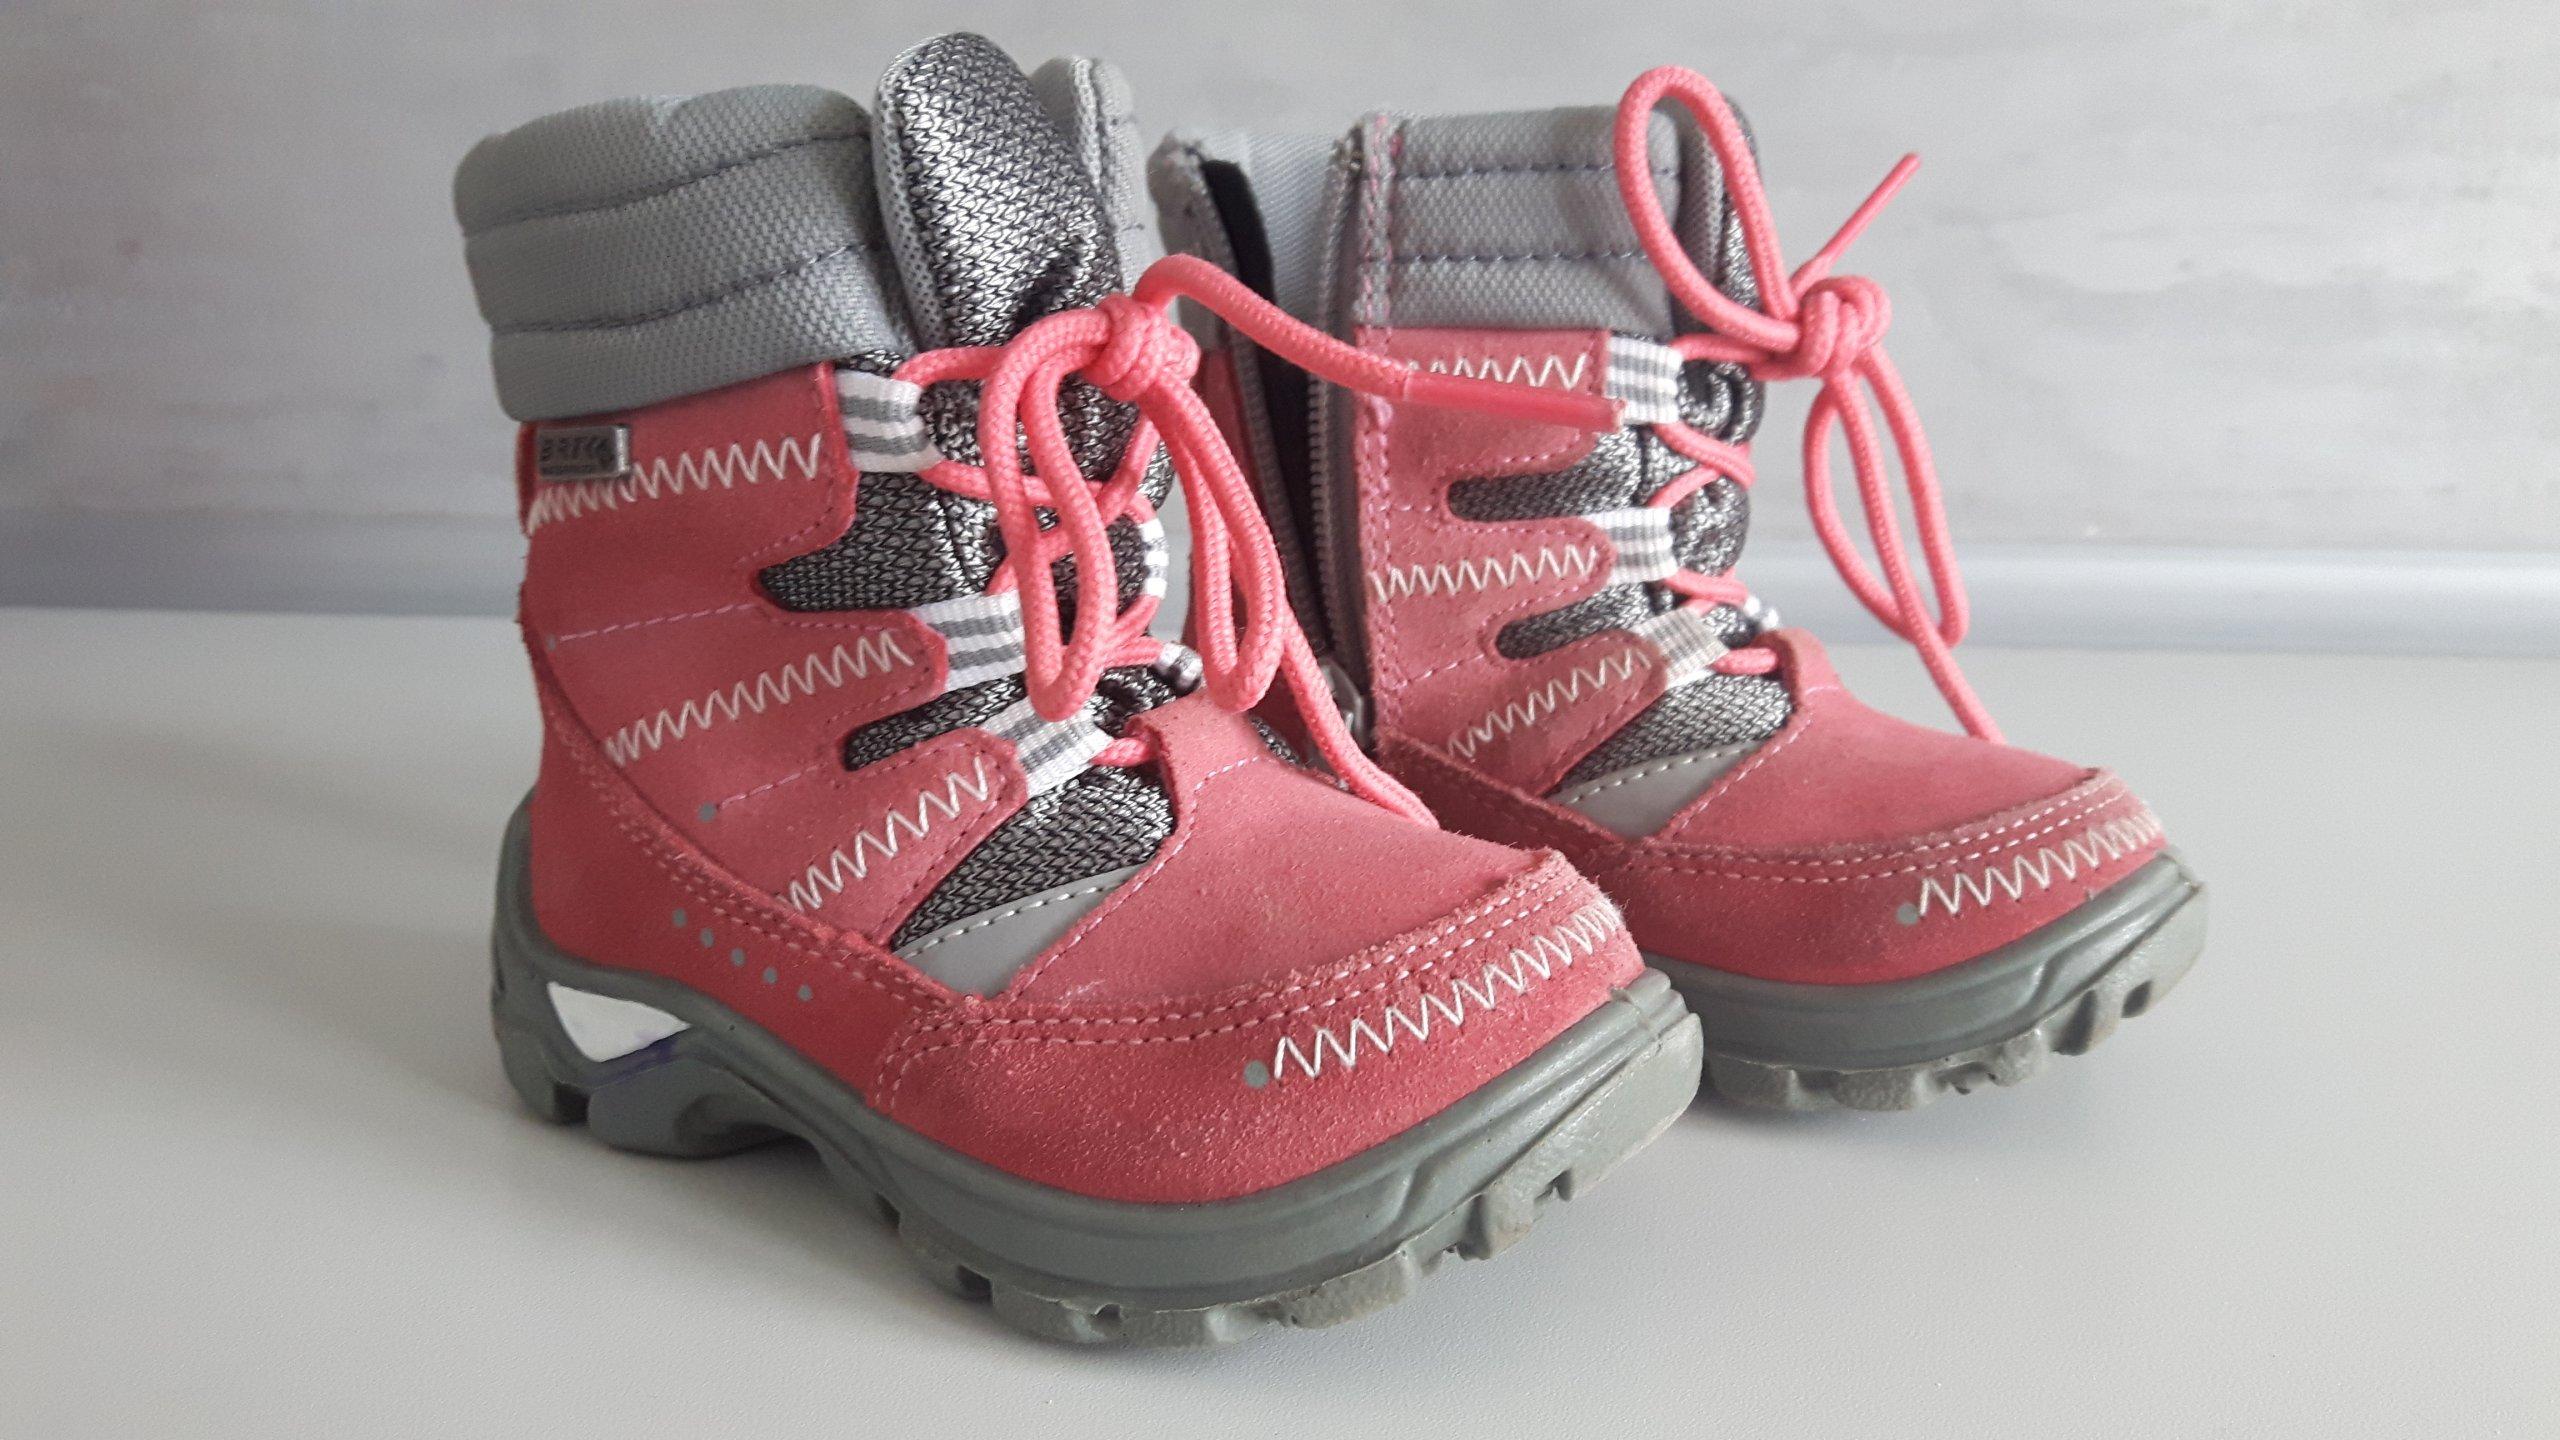 0d6273a7 Bartek dziecięce buty zimowe rozmiar 23 - 7015564851 - oficjalne ...